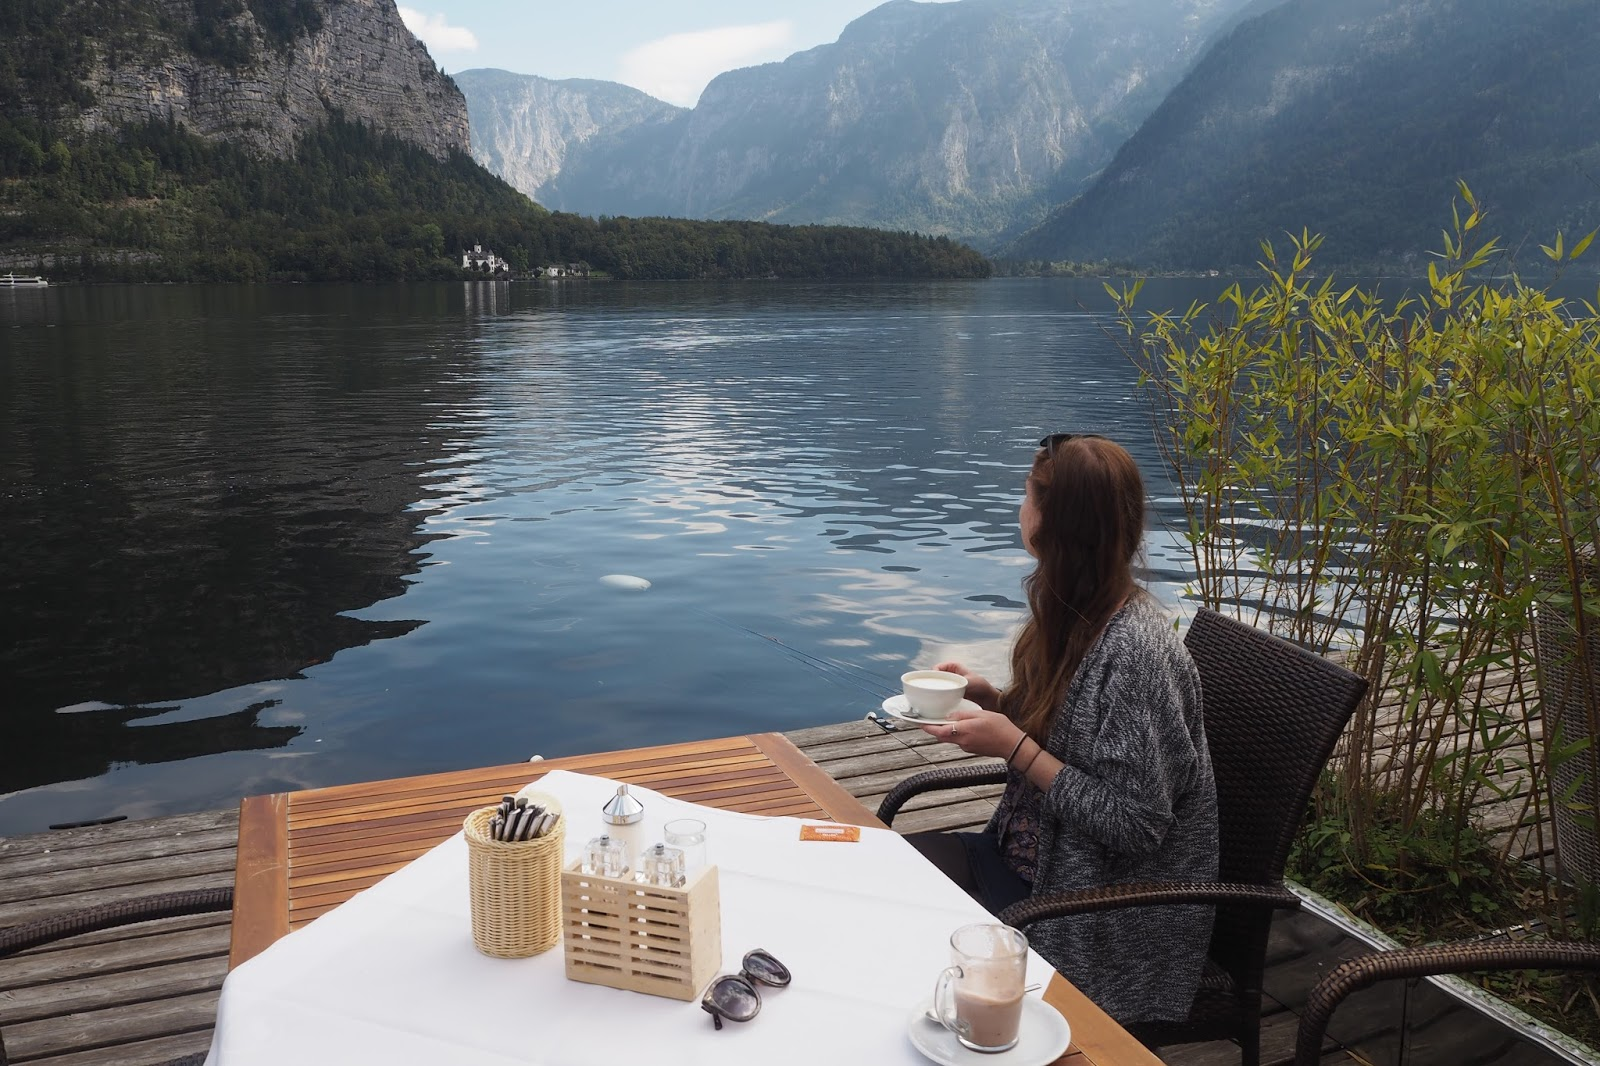 enjoying lunch at Seehotel, Hallstatt